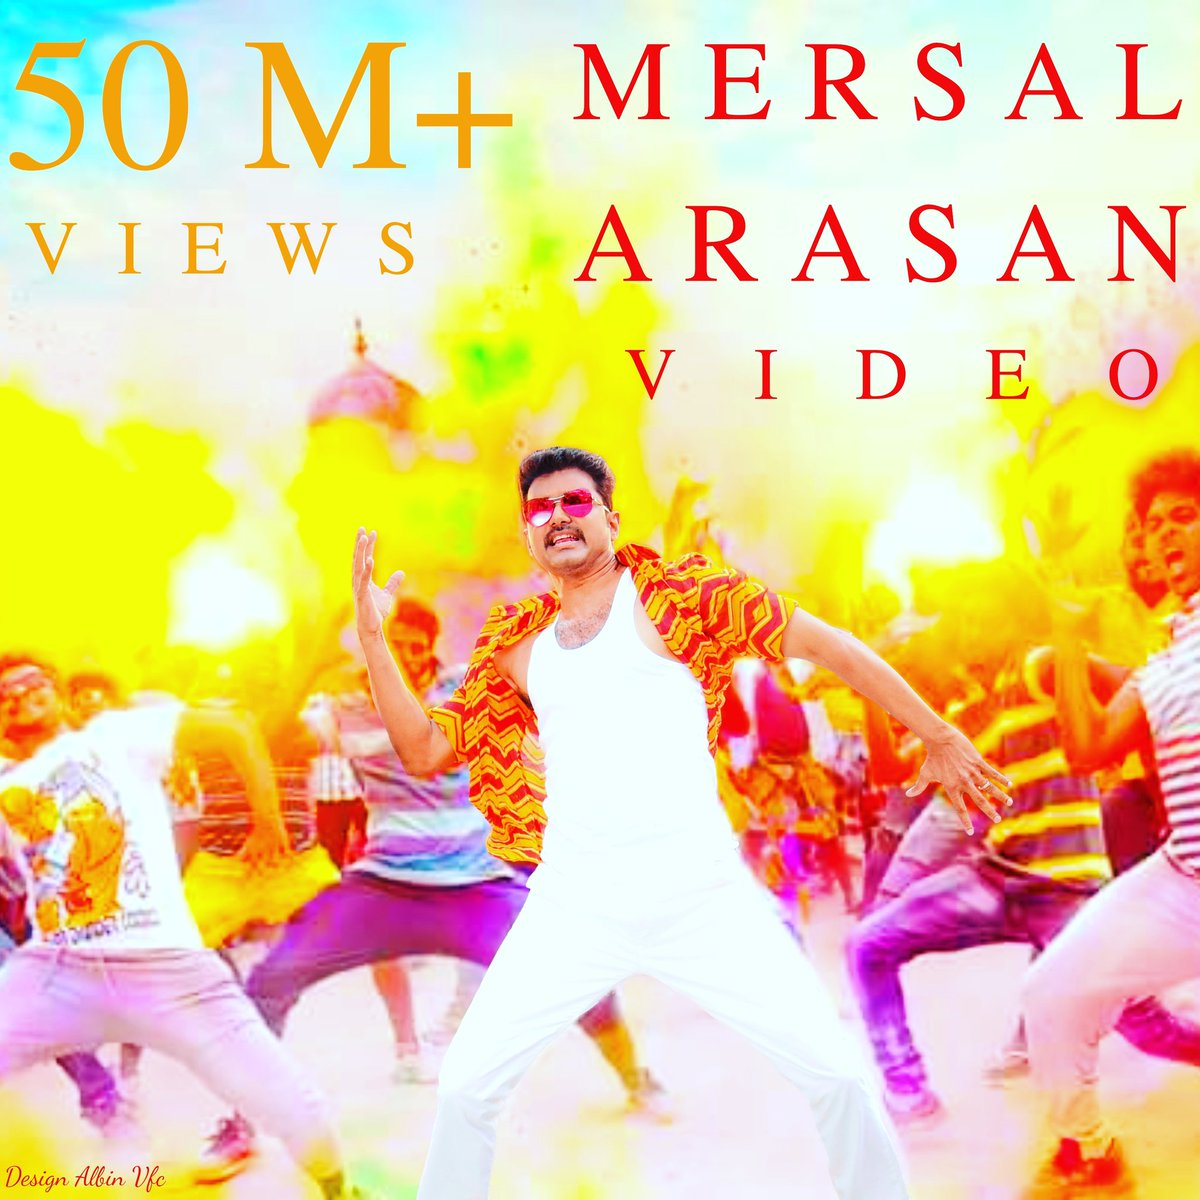 #Mersalarasan #50millionviews #Mersal #Arrahman #atlee #ThalapathyVijay